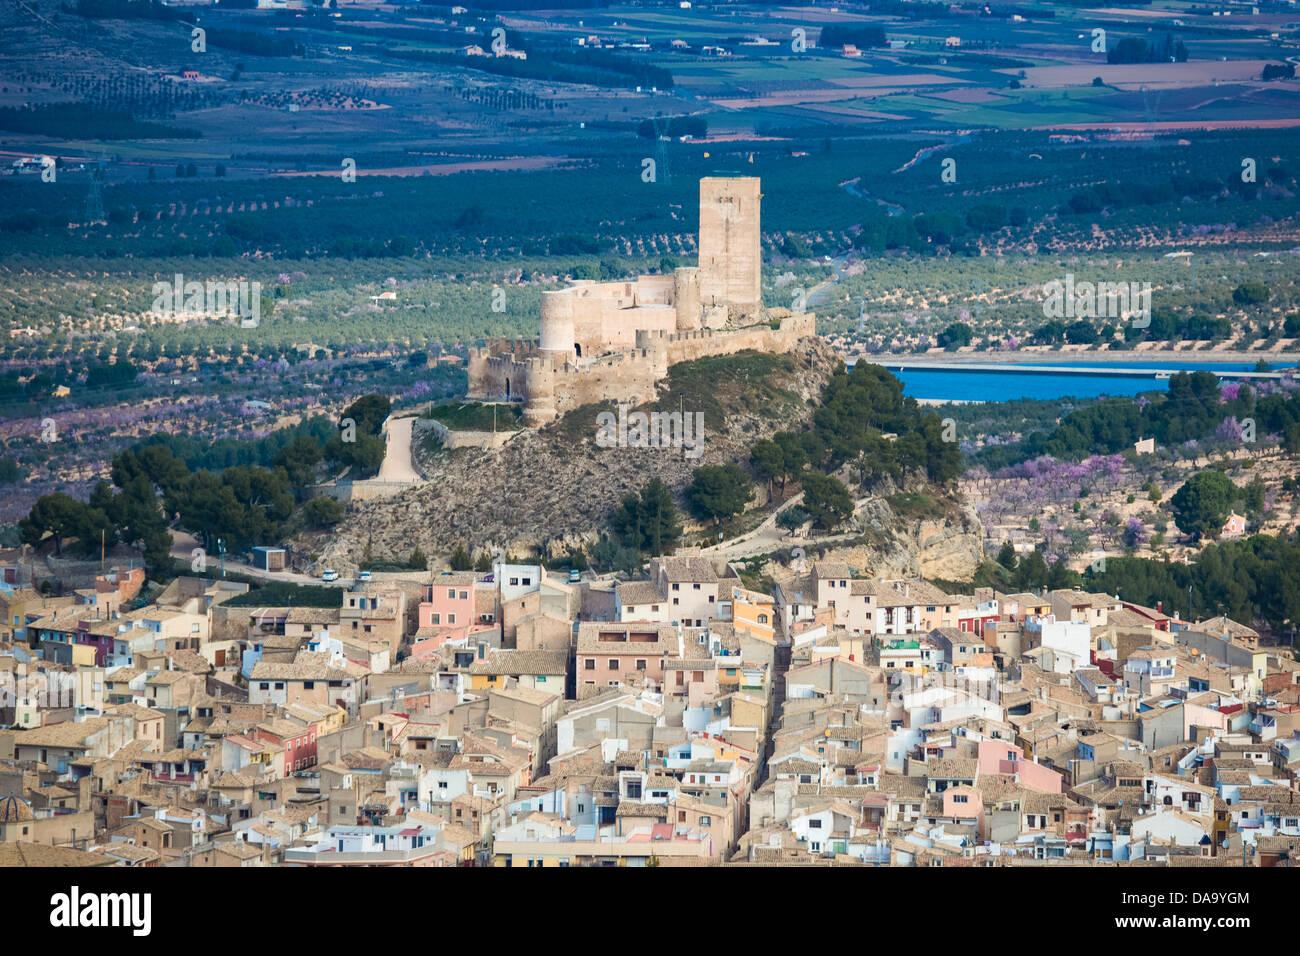 Spagna, Europa, Valencia, architettura, edifici, castle hill, storico, storia, pueblo, skyline, turistica, città, Immagini Stock